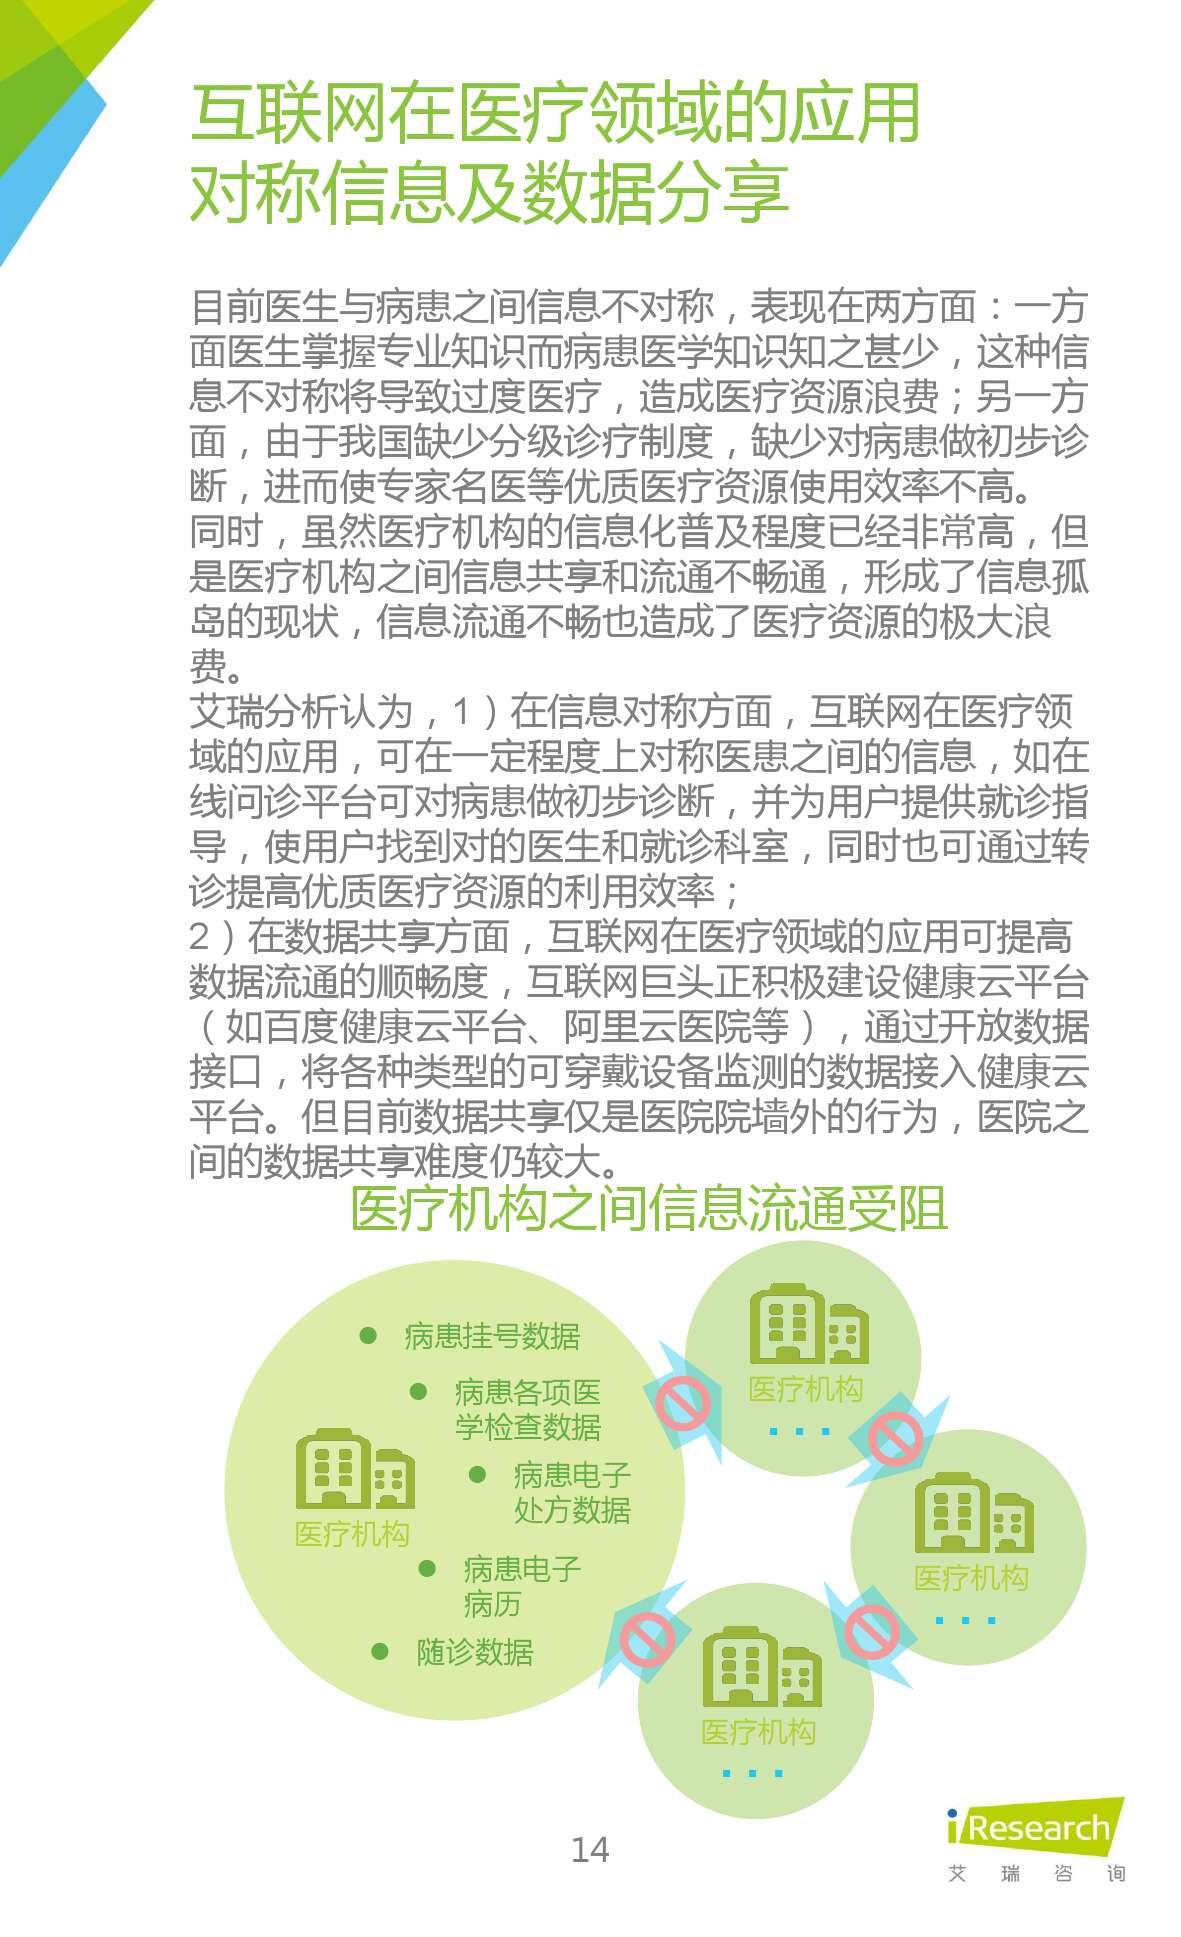 2015年中国在线问诊行业研究报告_000014